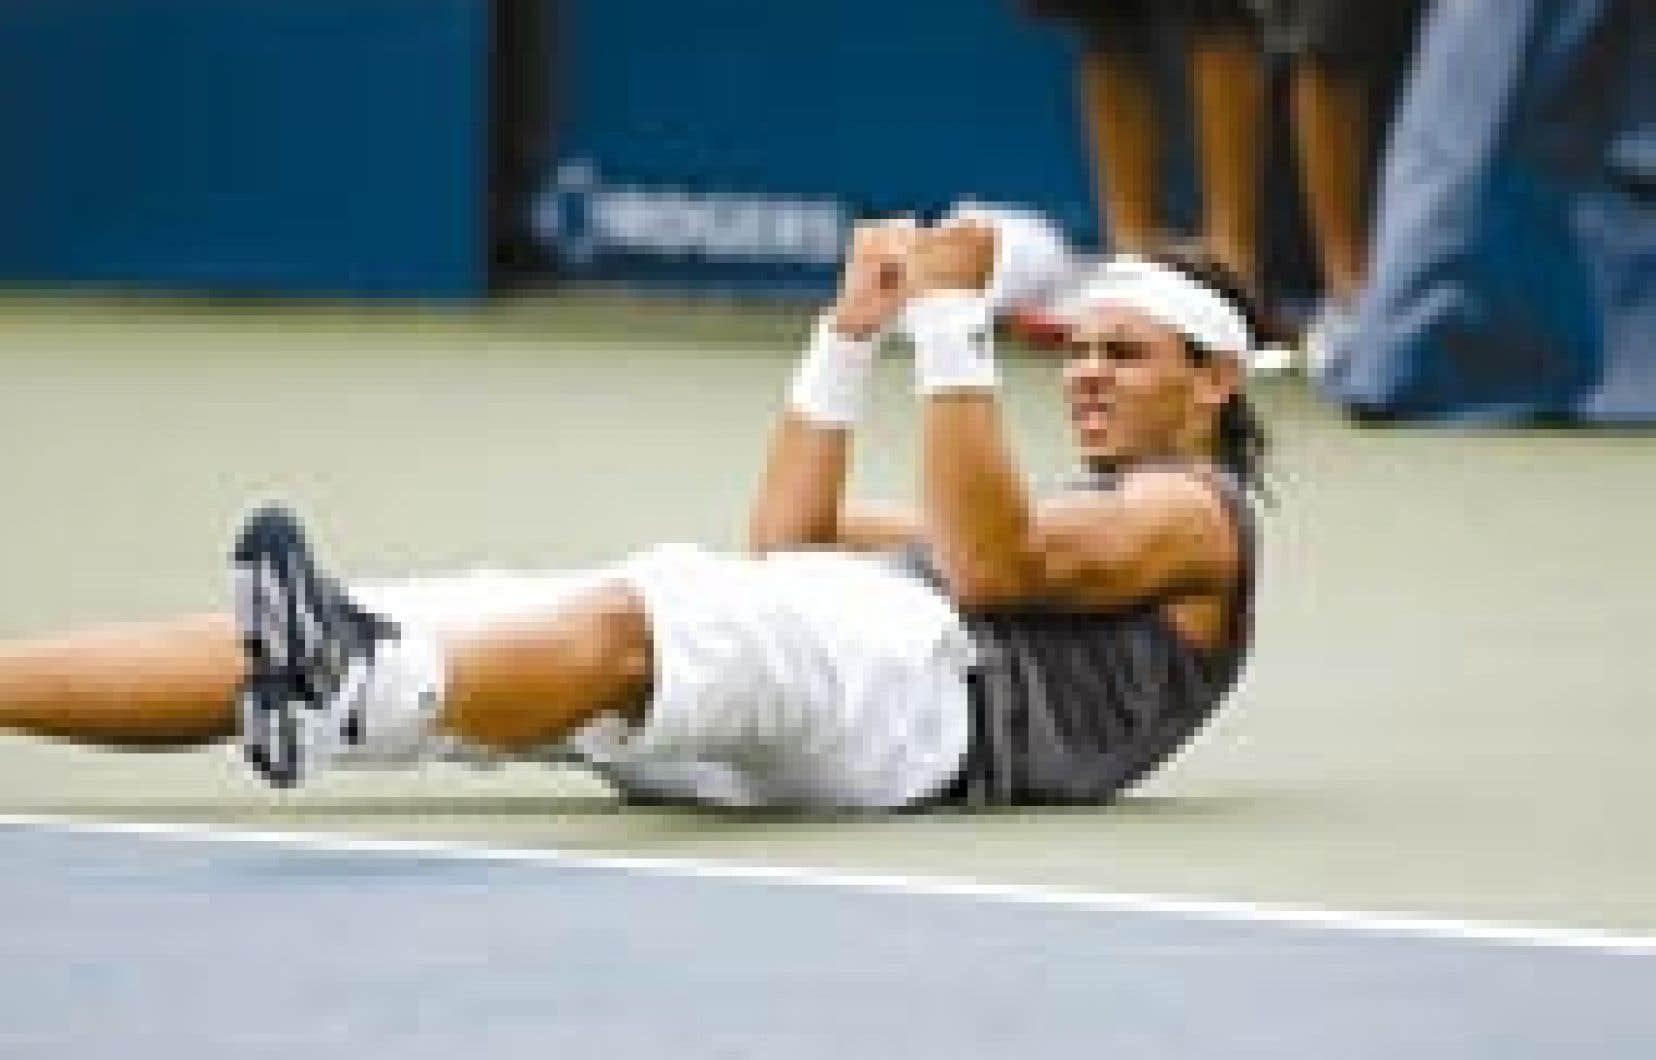 Renversé par la victoire: l'Espagnol Rafael Nadal, tête de série n° 1, s'est montré supérieur à l'Américain Andre Agassi (n° 4) qu'il a battu 6-3, 4-6, 6-2 en finale du tournoi de tennis de Montréal, hier après-midi. À 19 ans, le n°